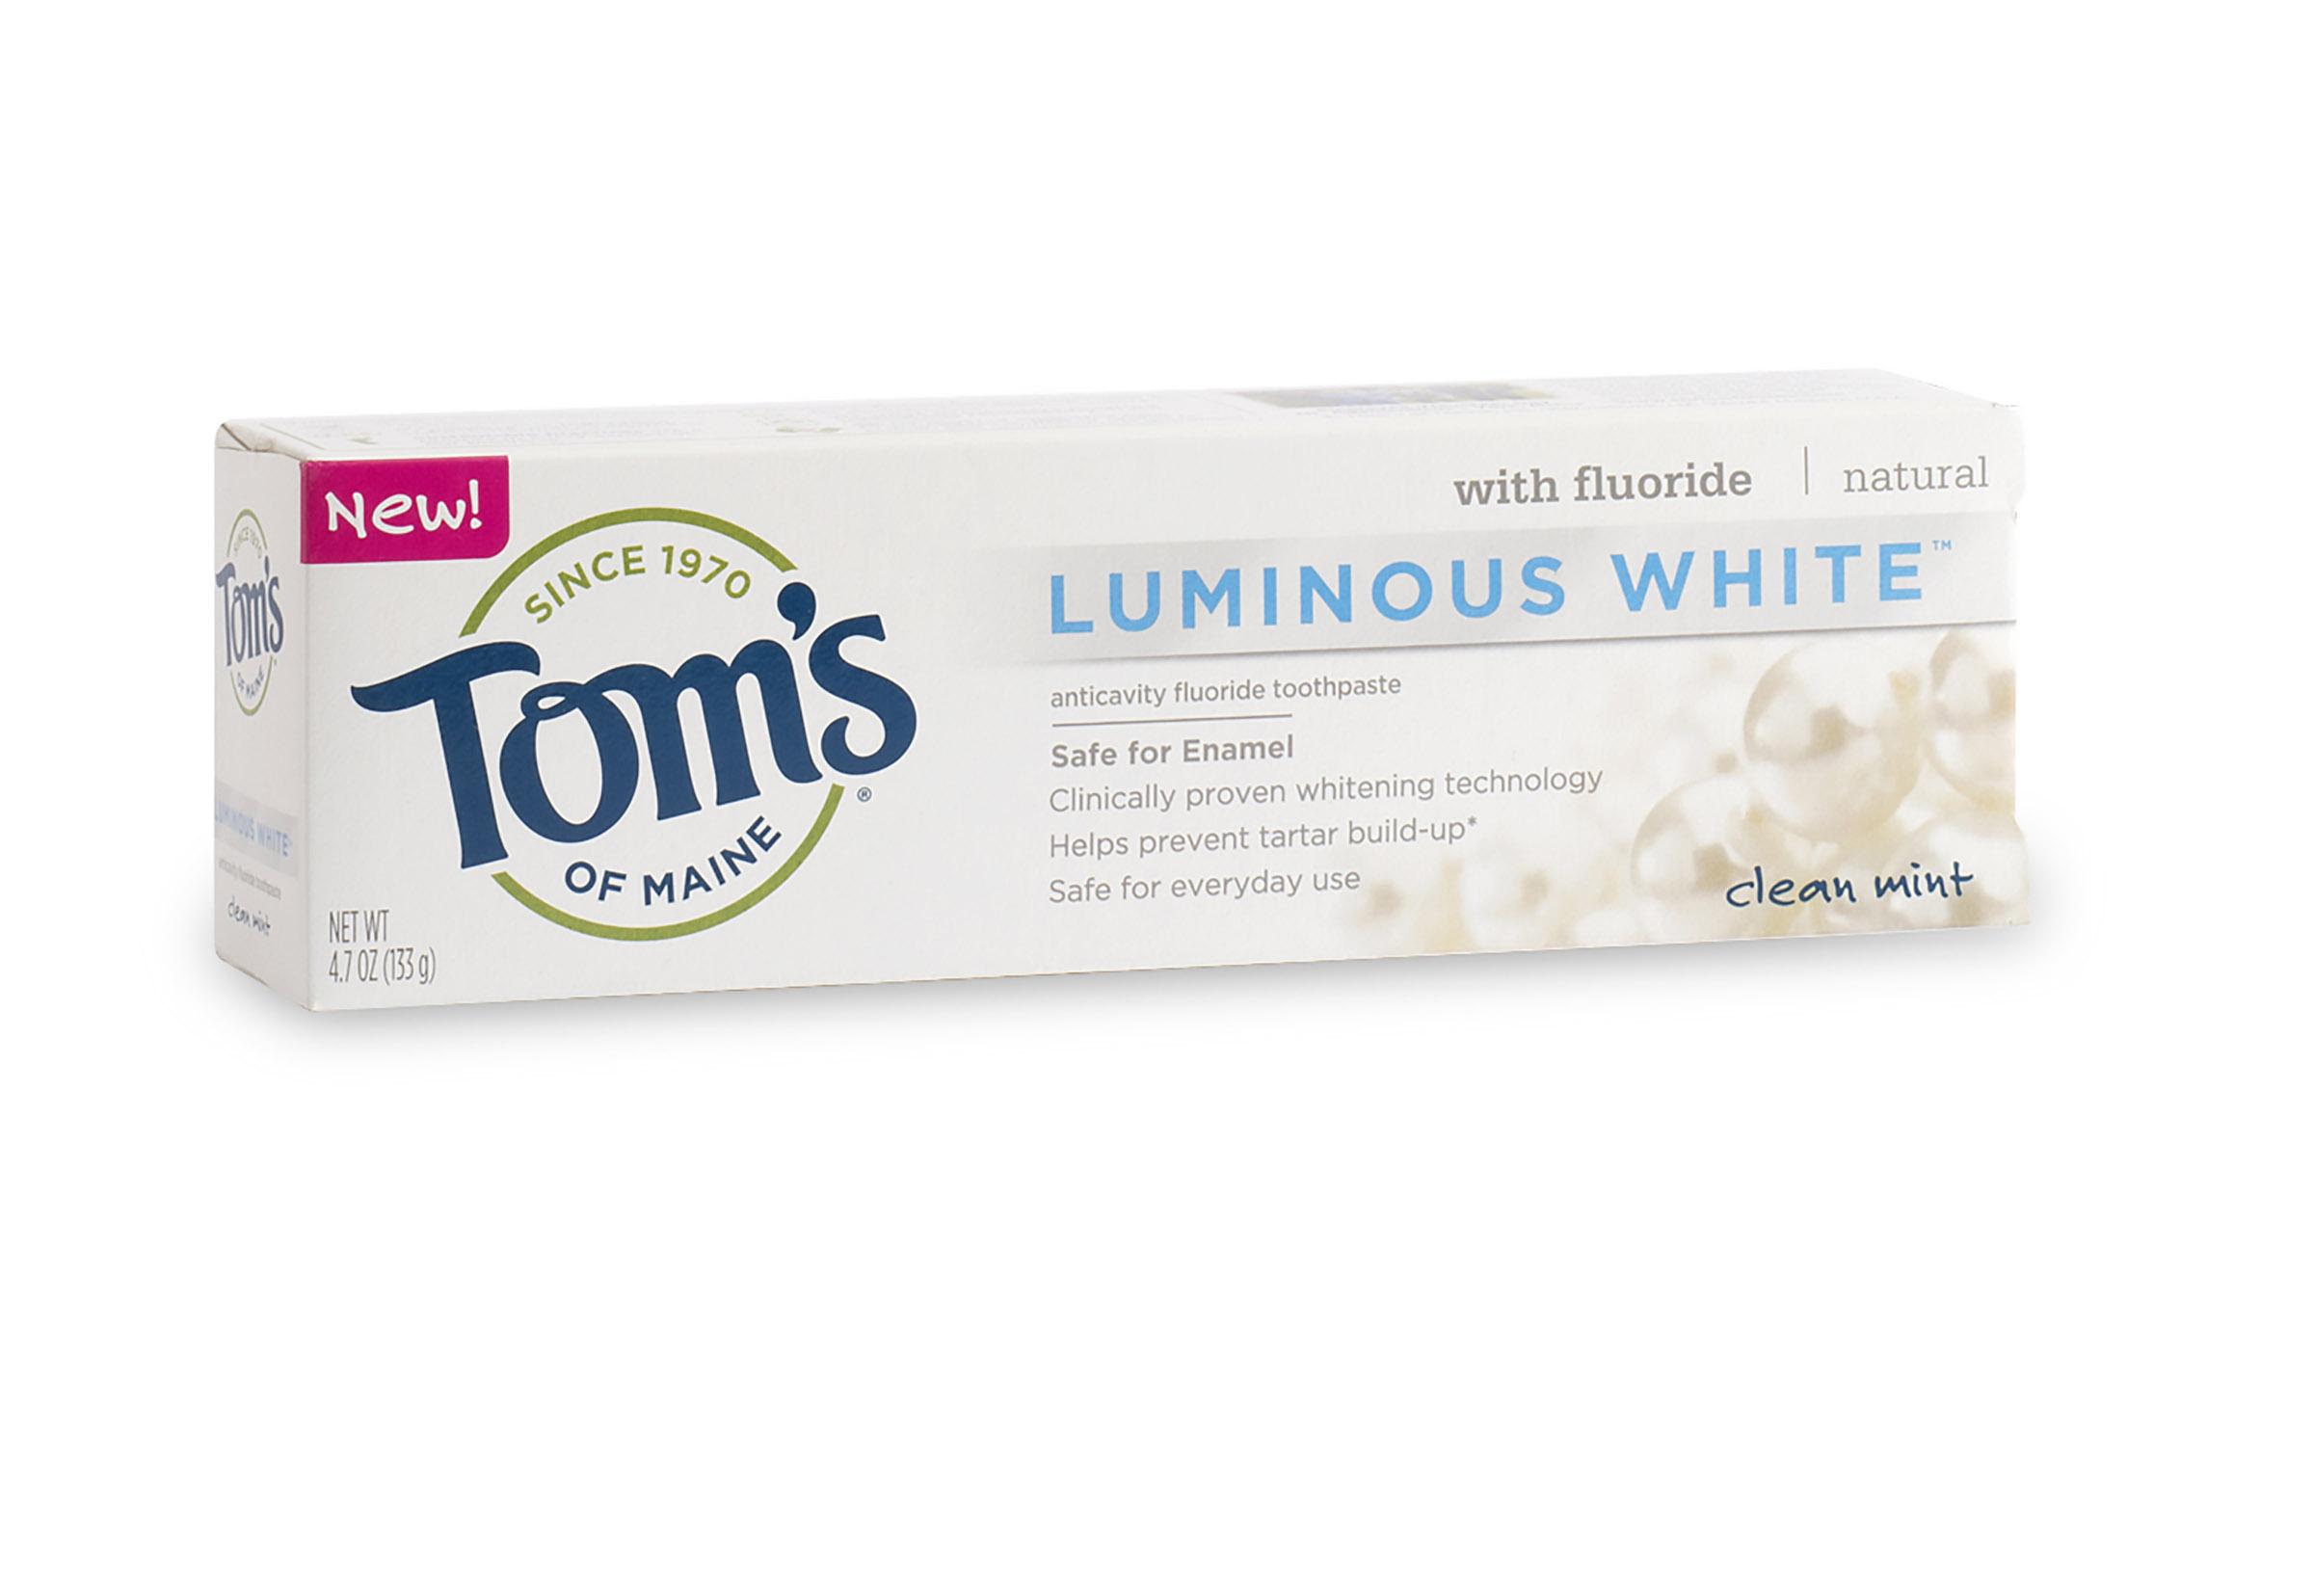 Luminous White™ Advanced Whitening Toothpaste